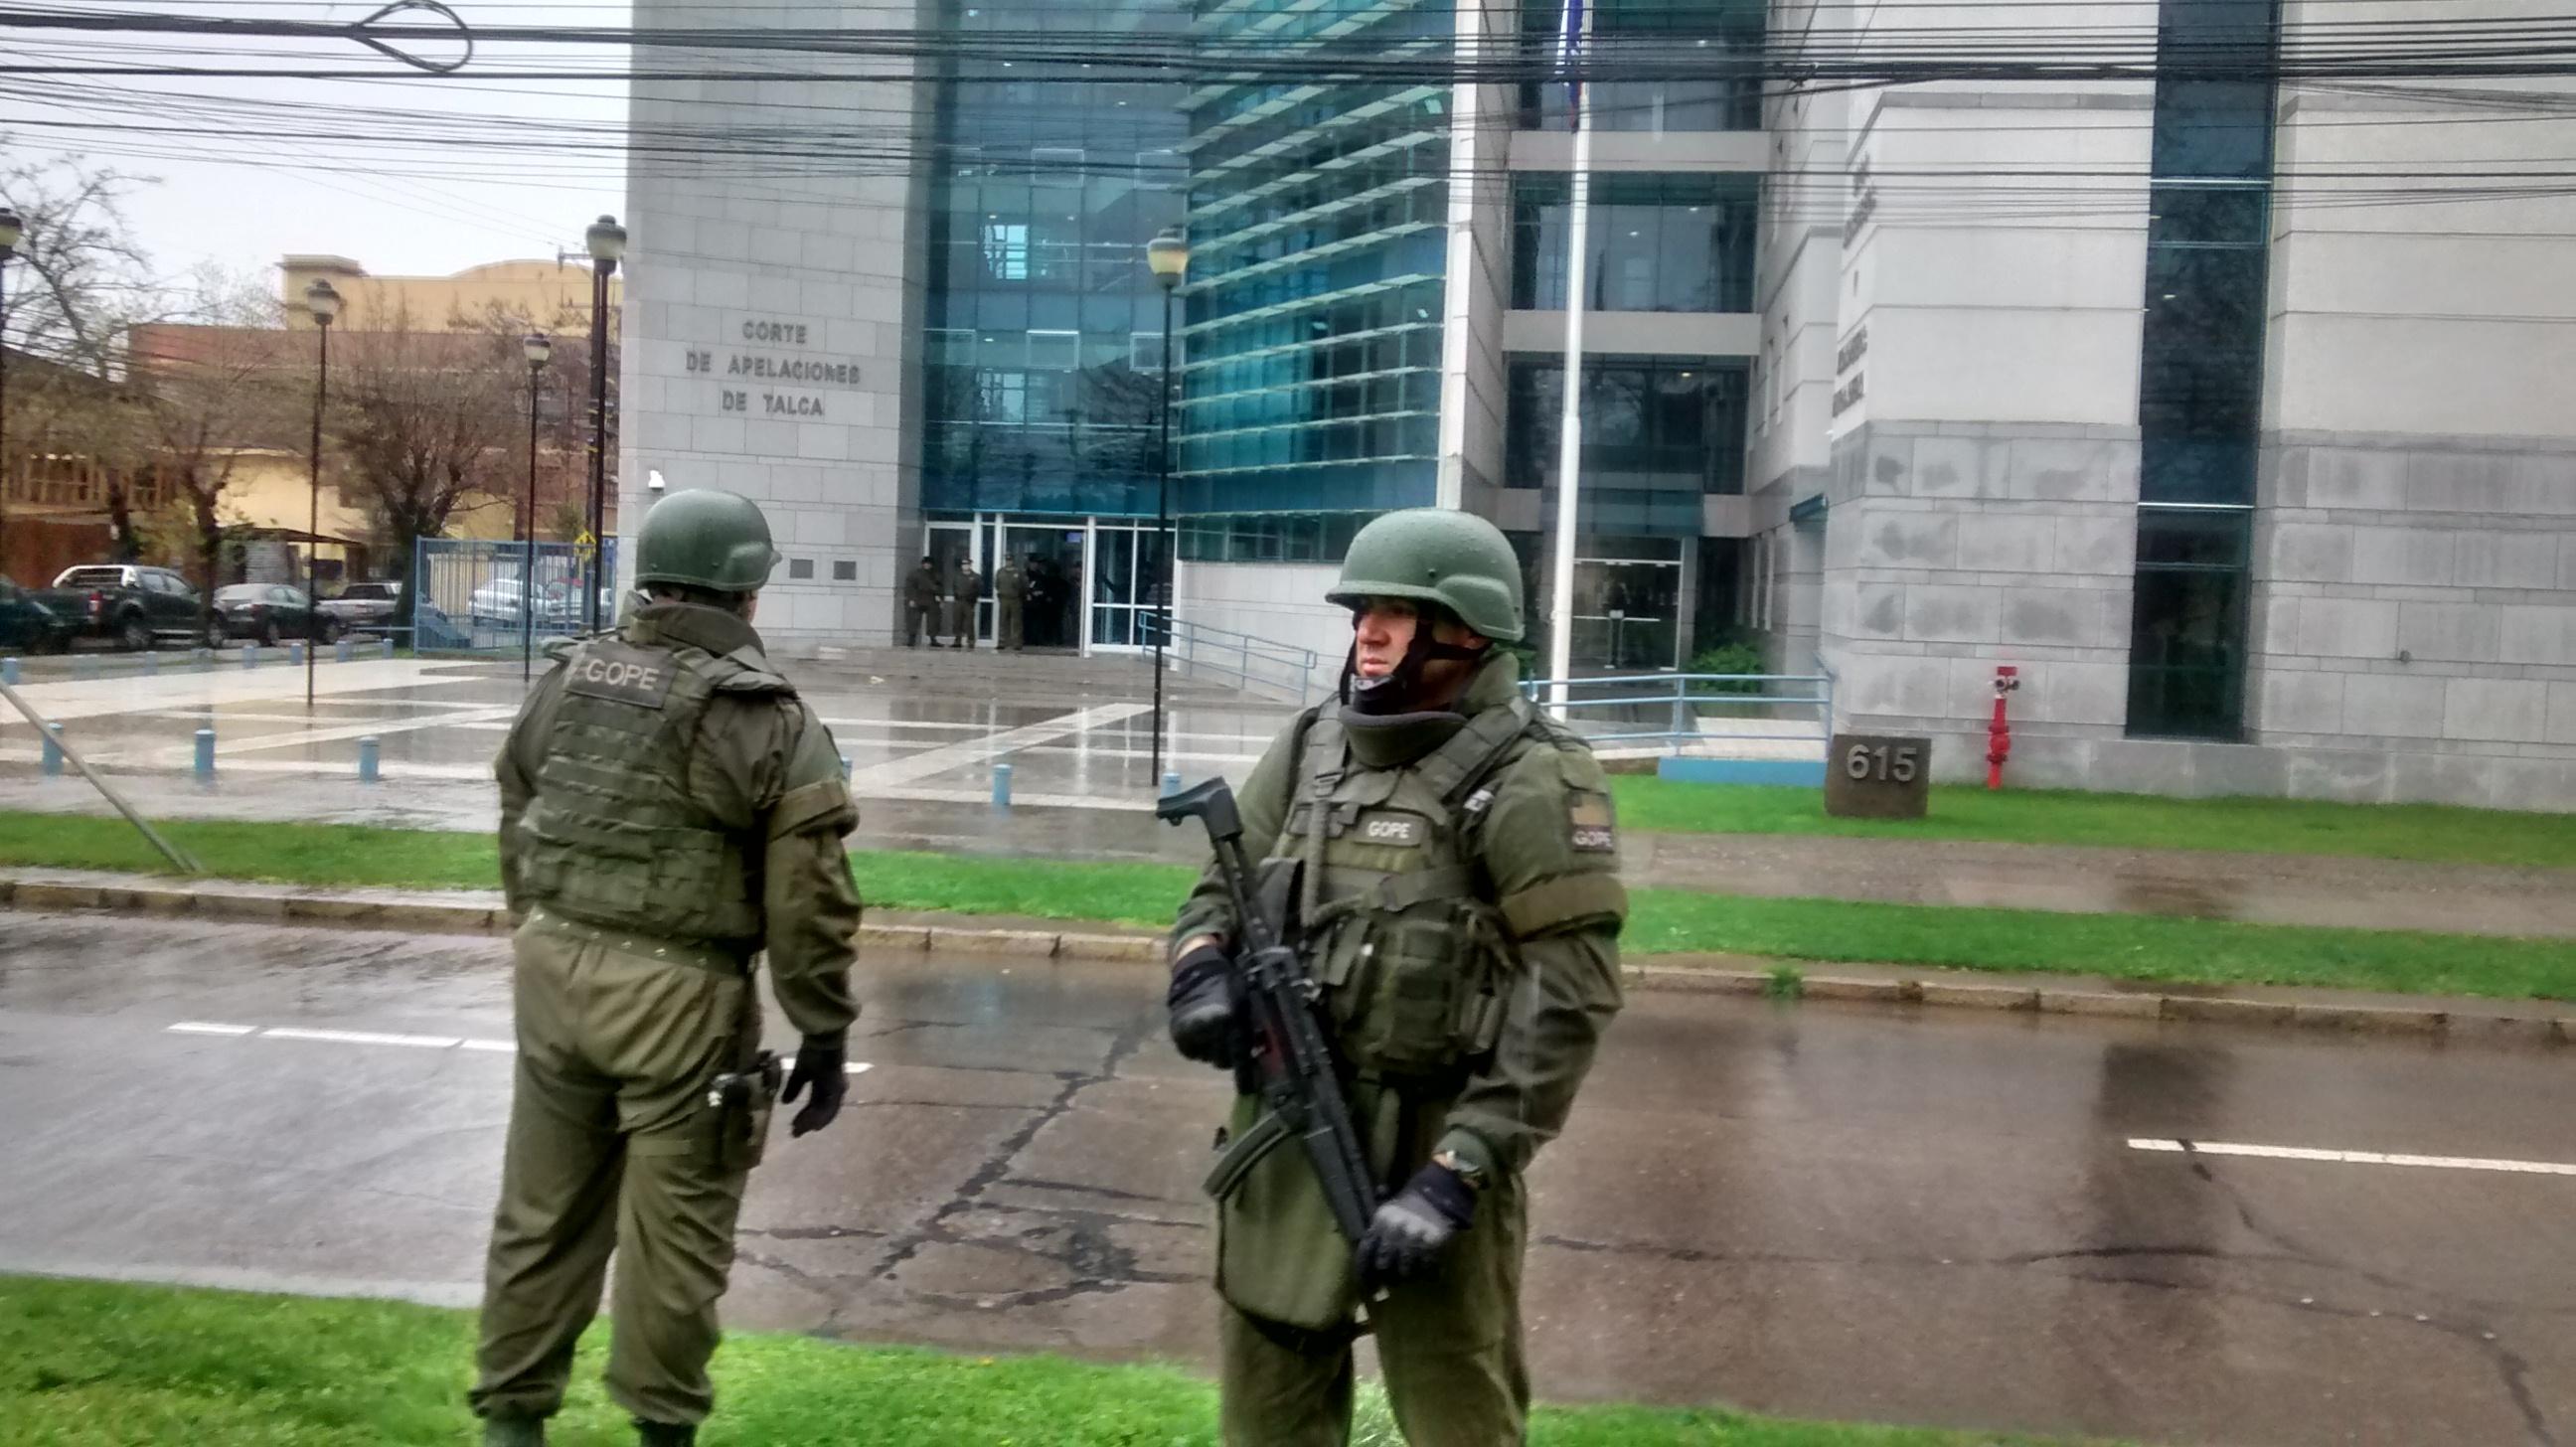 """[Video] Expectación causó simulacro de """"Bomba"""" en Corte de Apelaciones de Talca"""